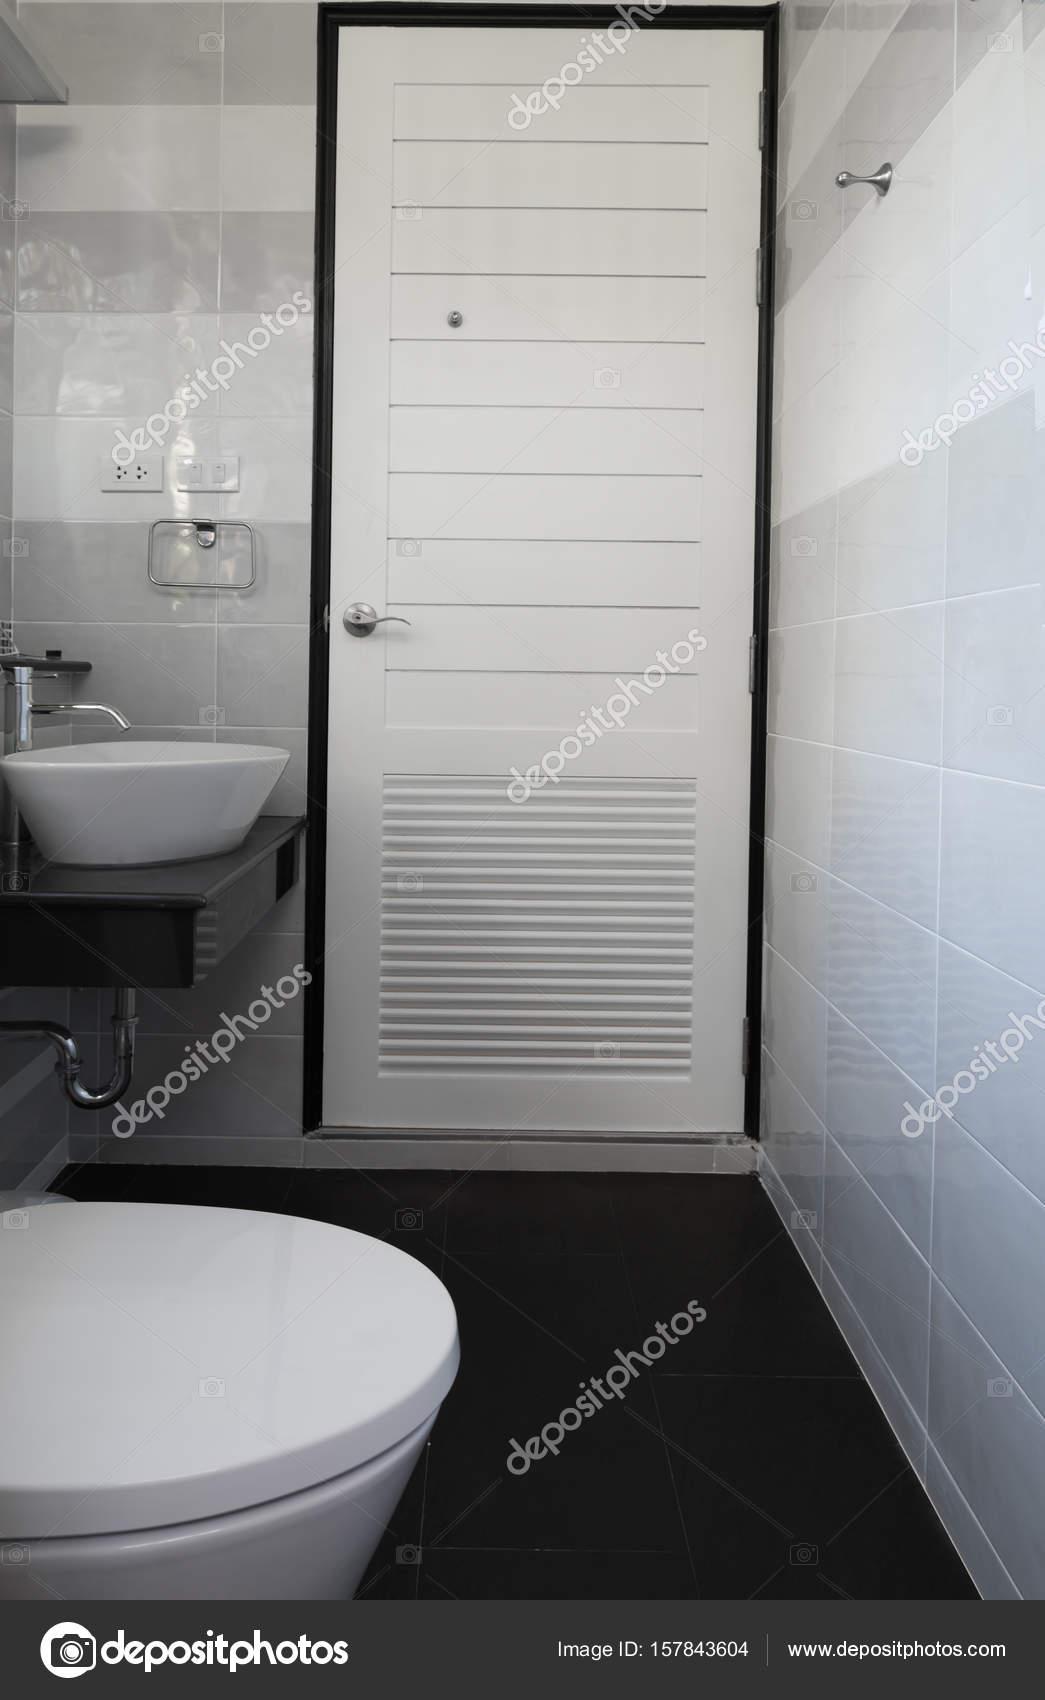 Piastrelle bagno bianche e nere interno bianco bagno con for Piastrelle bagno bianche e nere